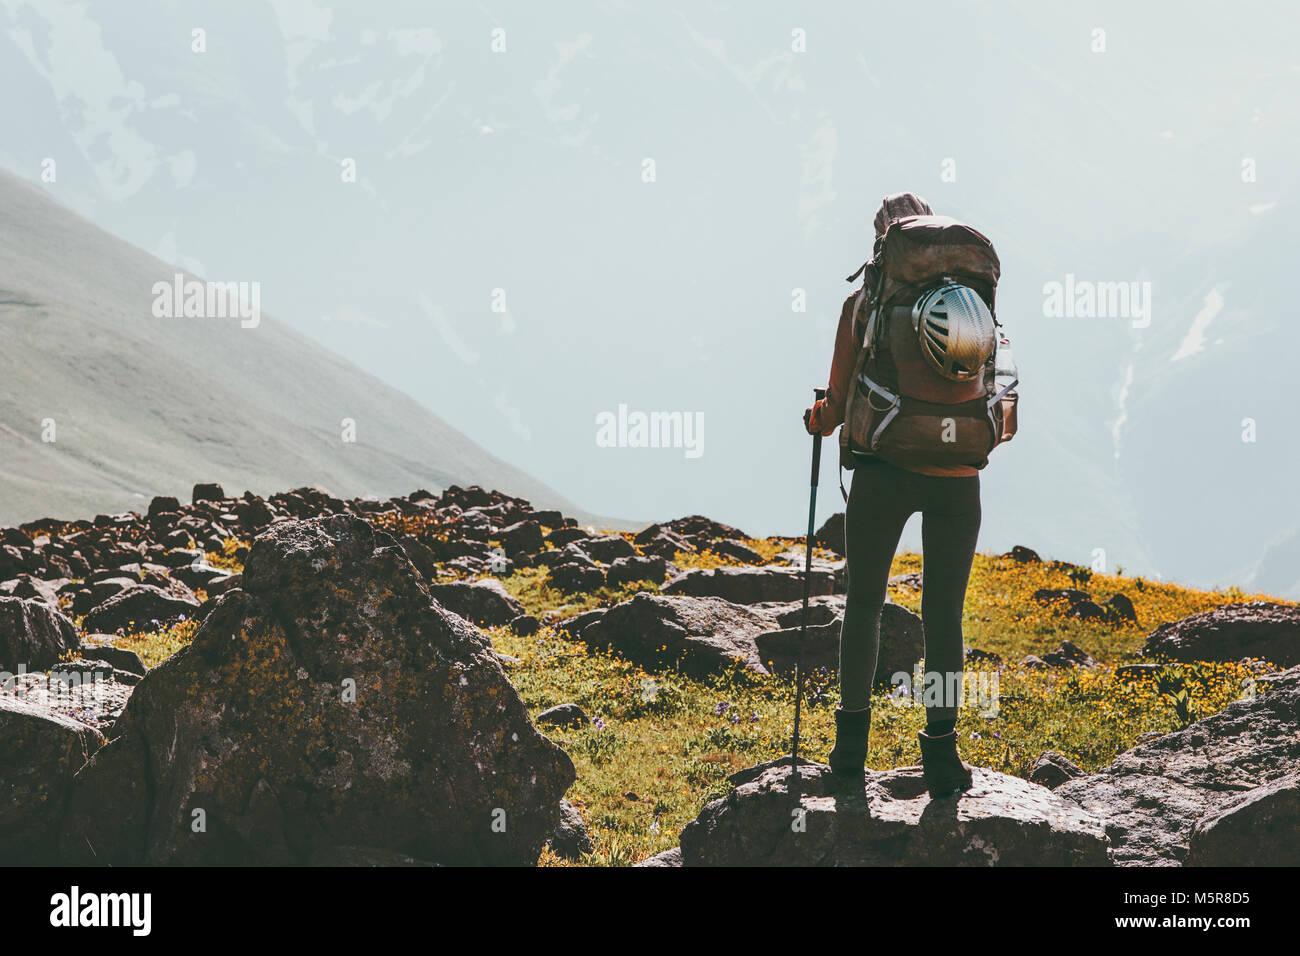 Abenteuer Urlaub in den Bergen Frau wandern mit Rucksack gesunder Lebensstil Konzept outdoor Bergsteigen Klettern Stockbild